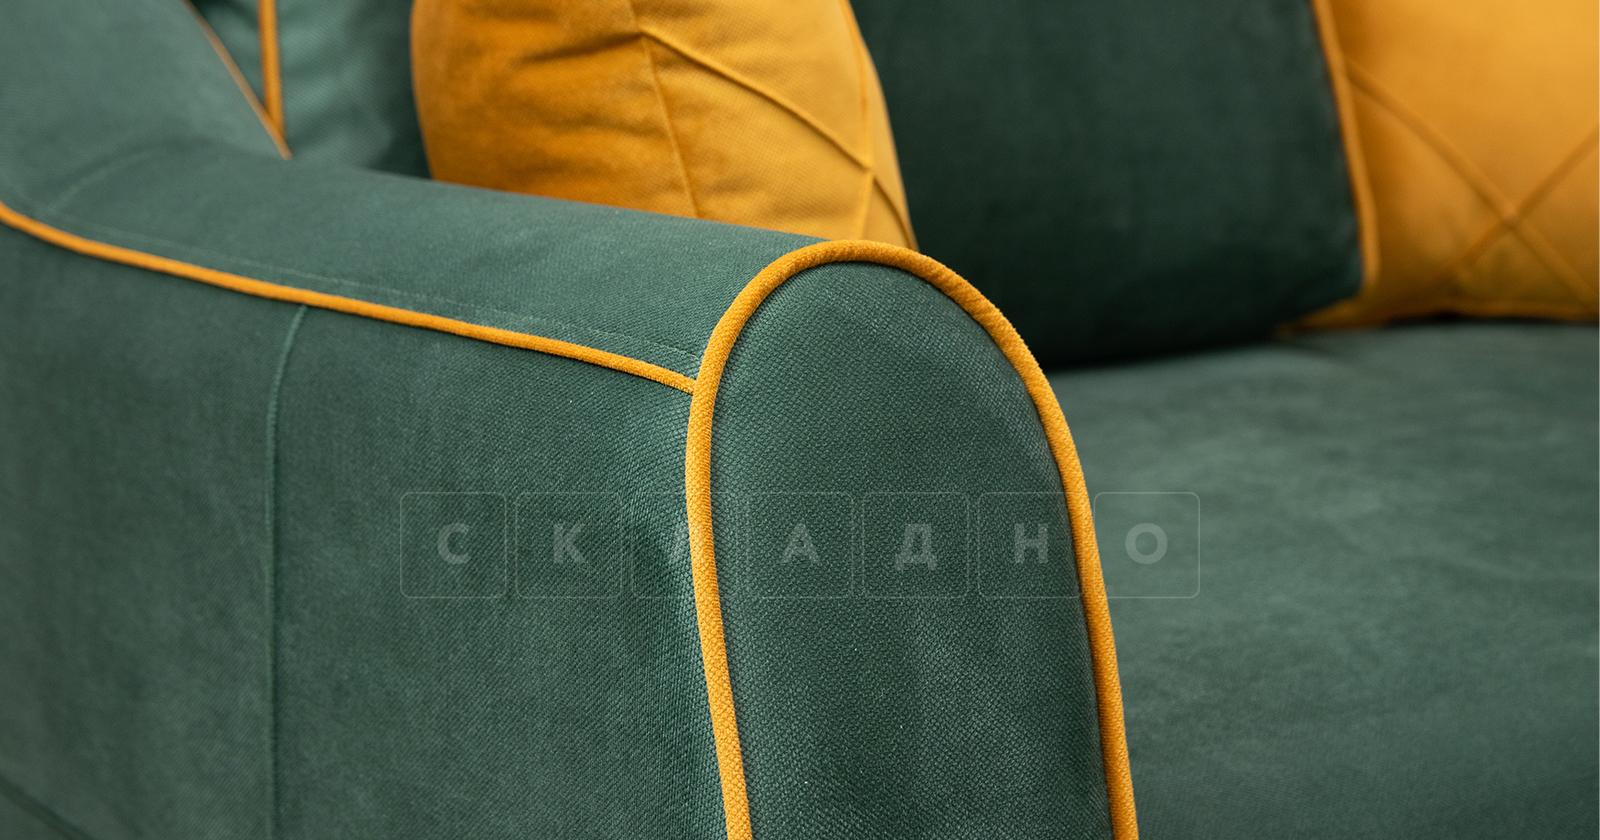 Диван-кровать угловой Флэтфорд нефритовый зеленый фото 8 | интернет-магазин Складно